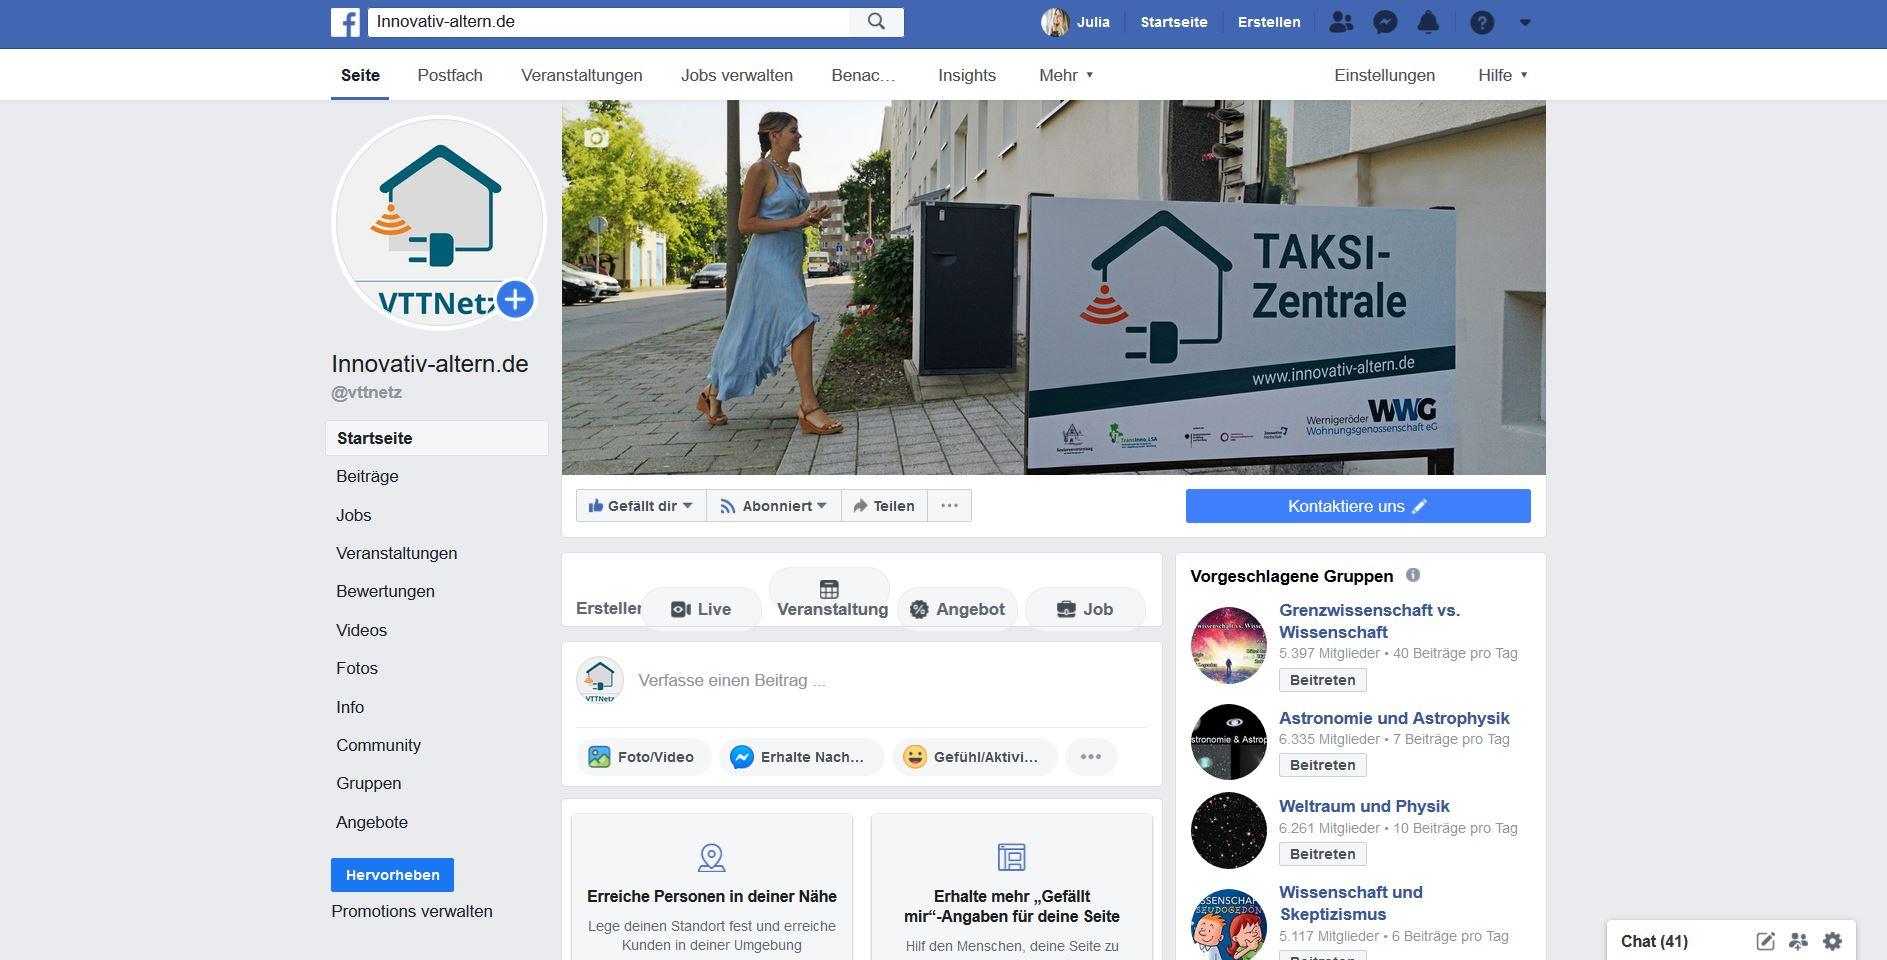 Das Facebook-Profil des Projektes Innovationsnetzwerk Vernetzte Techniknutzung und Technikberatung an der Hochschule Harz.